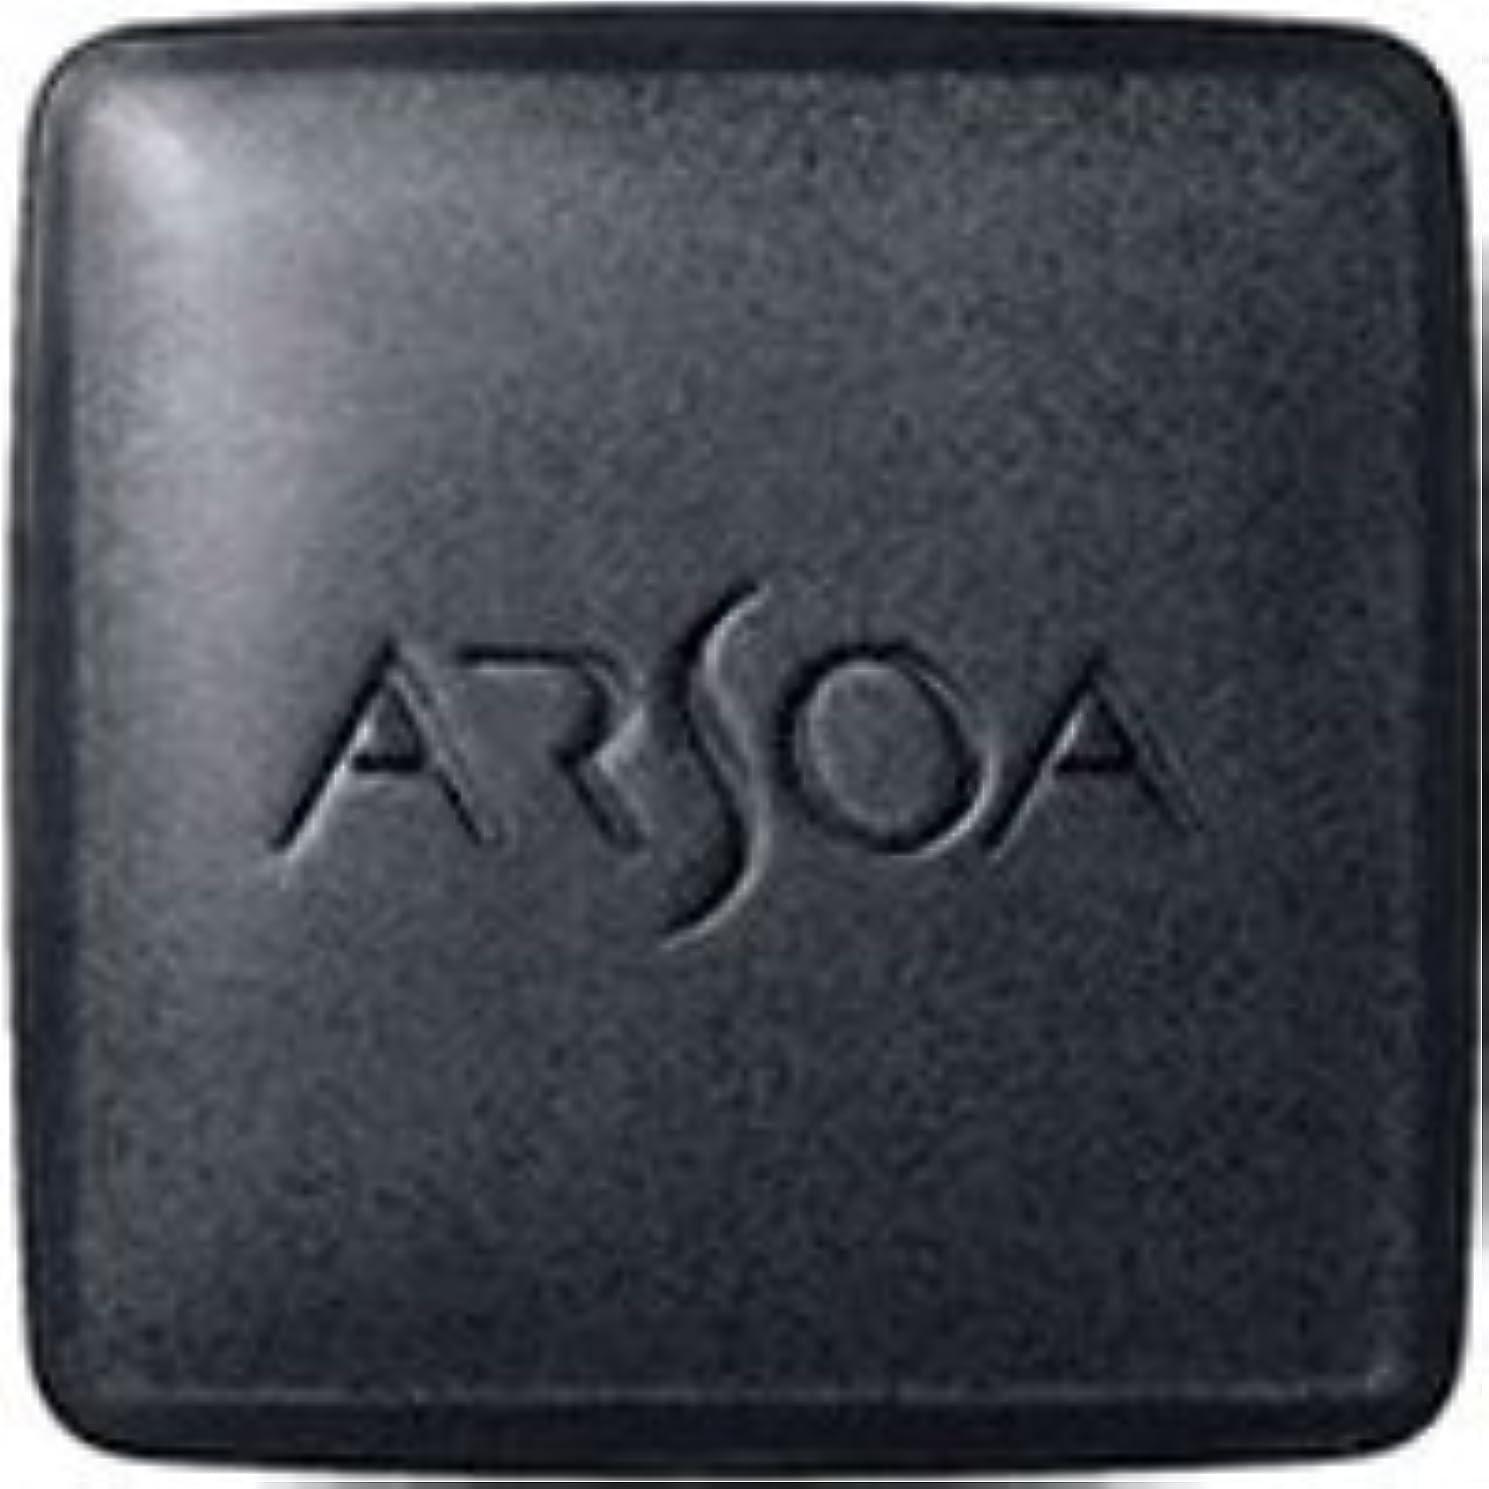 有効化アラスカたまにアルソア(ARSOA) クイーンシルバー(ケース付き)135g[並行輸入品]